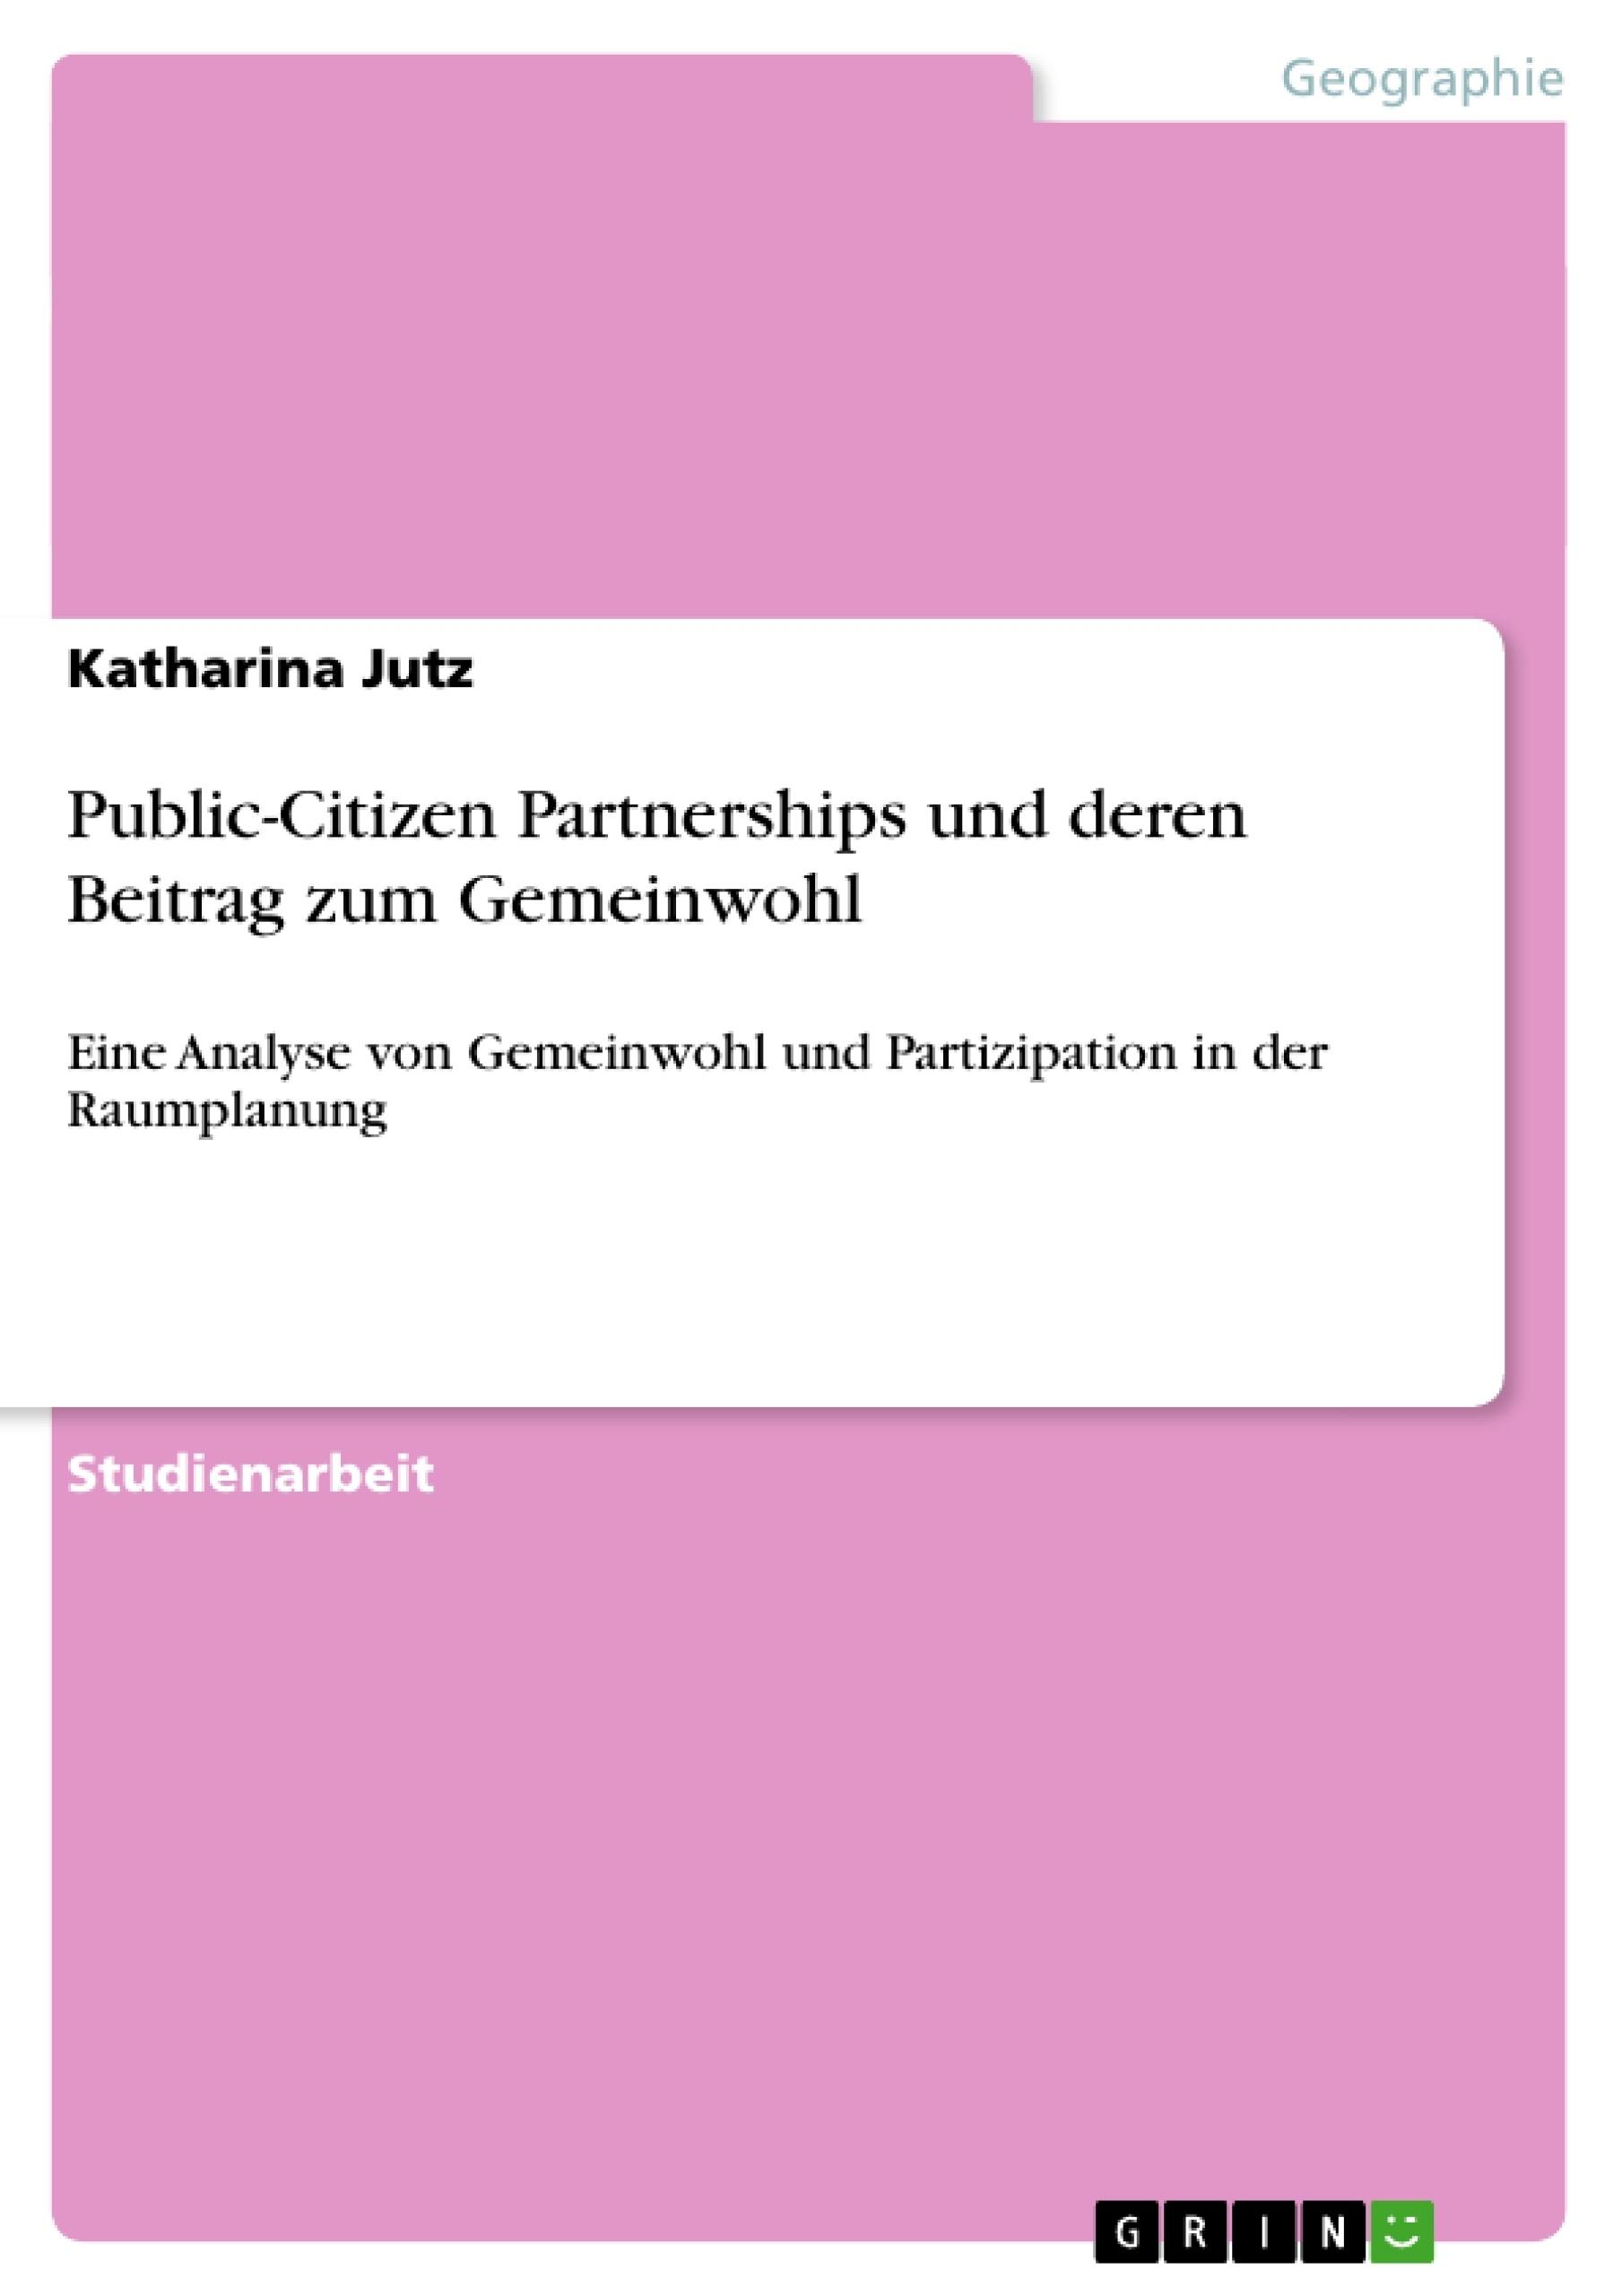 Titel: Public-Citizen Partnerships und deren Beitrag zum Gemeinwohl